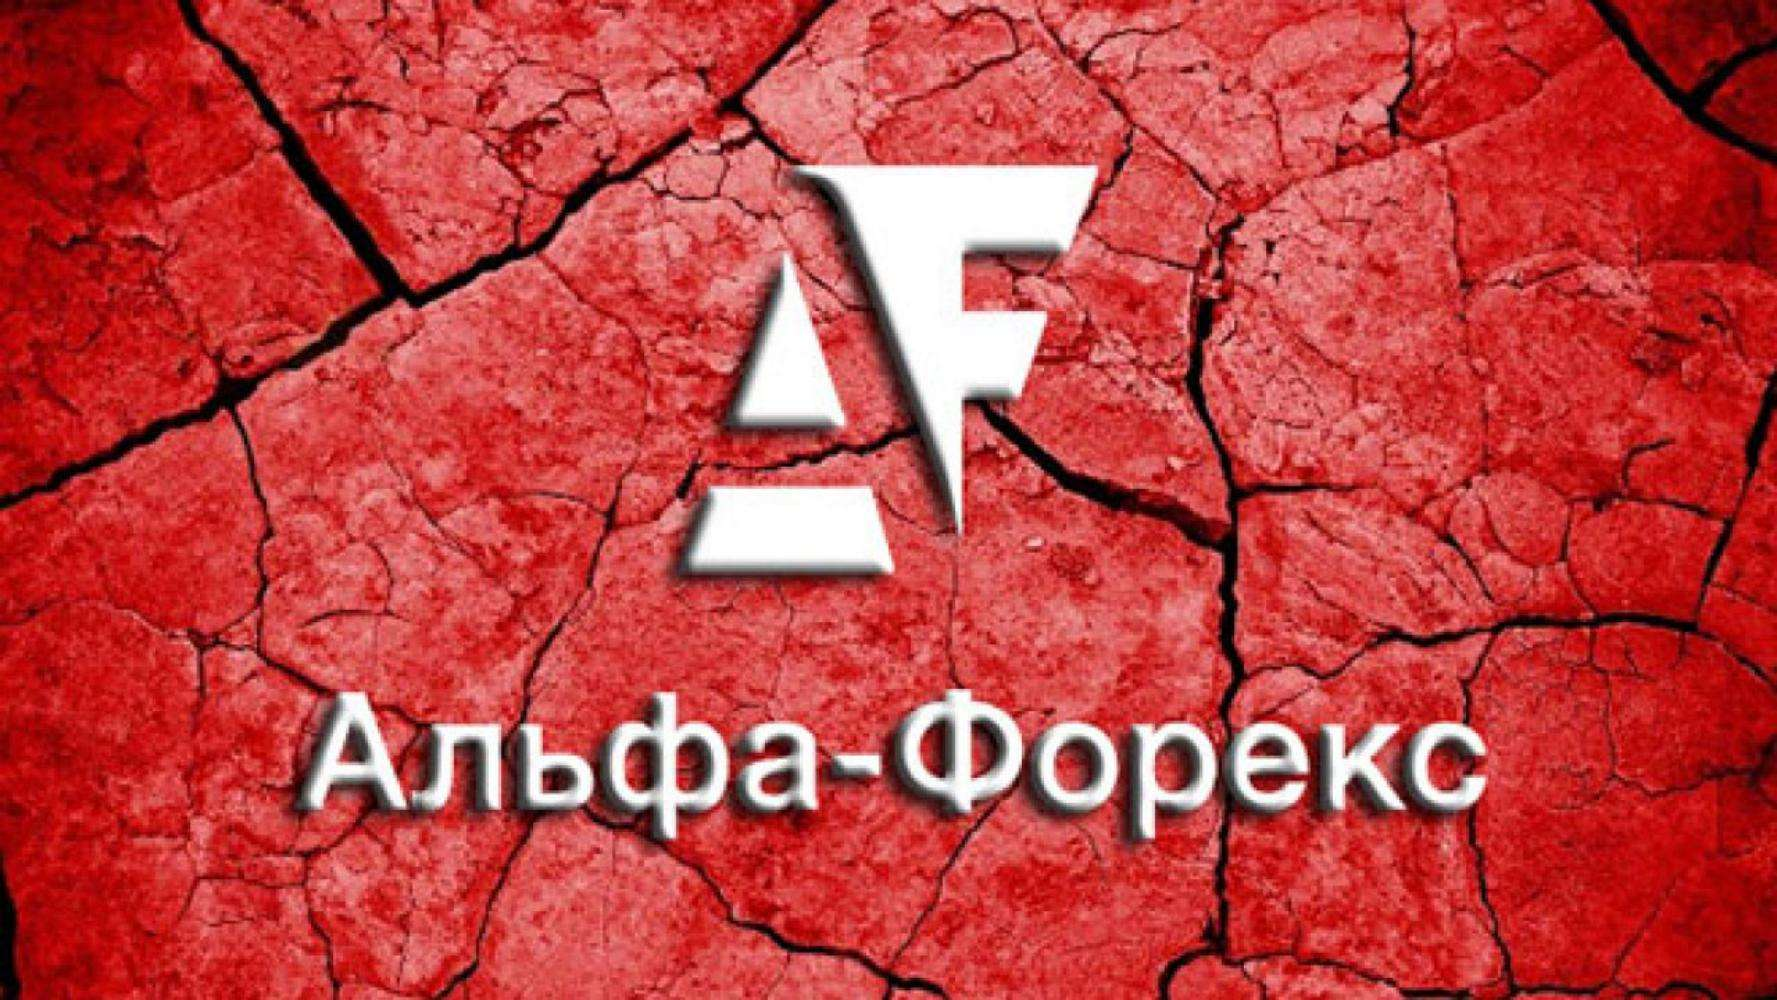 Форекс брокер «Альфа-Форекс»: обзор компании